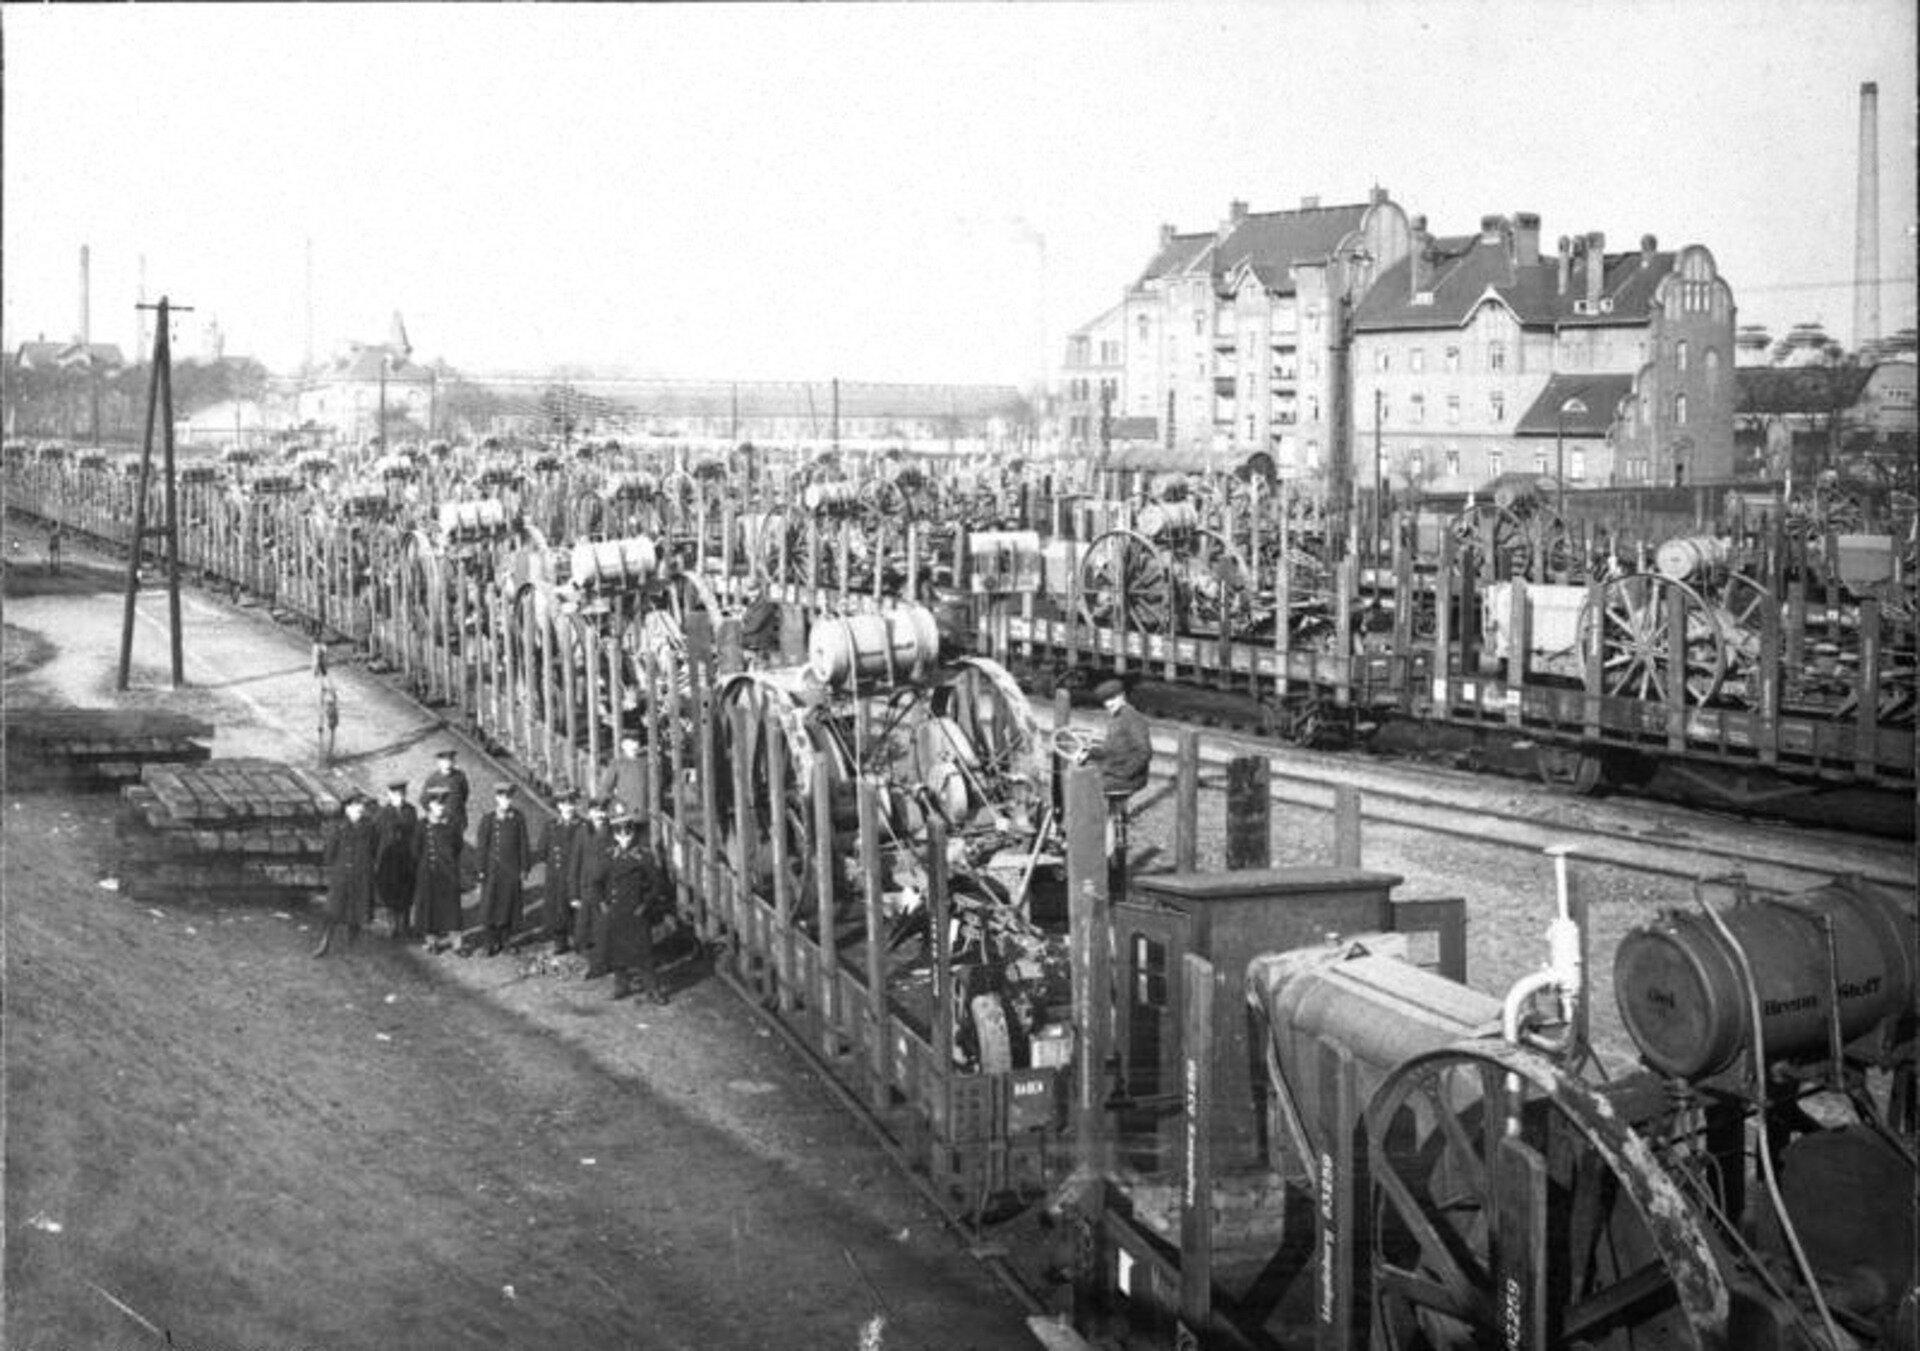 Fotografia czarno-biała przedstawiająca niemieckie reparacje. Na ilustracji widać dworzec kolejowy na którym stoją pociągi wyładowane samochodami. Pociągi zajmują trzy tory. Przed pierwszym pociągiem stoi garstka ludzi, którzy rozmawiają, ubrani są wwojskowe mundury.